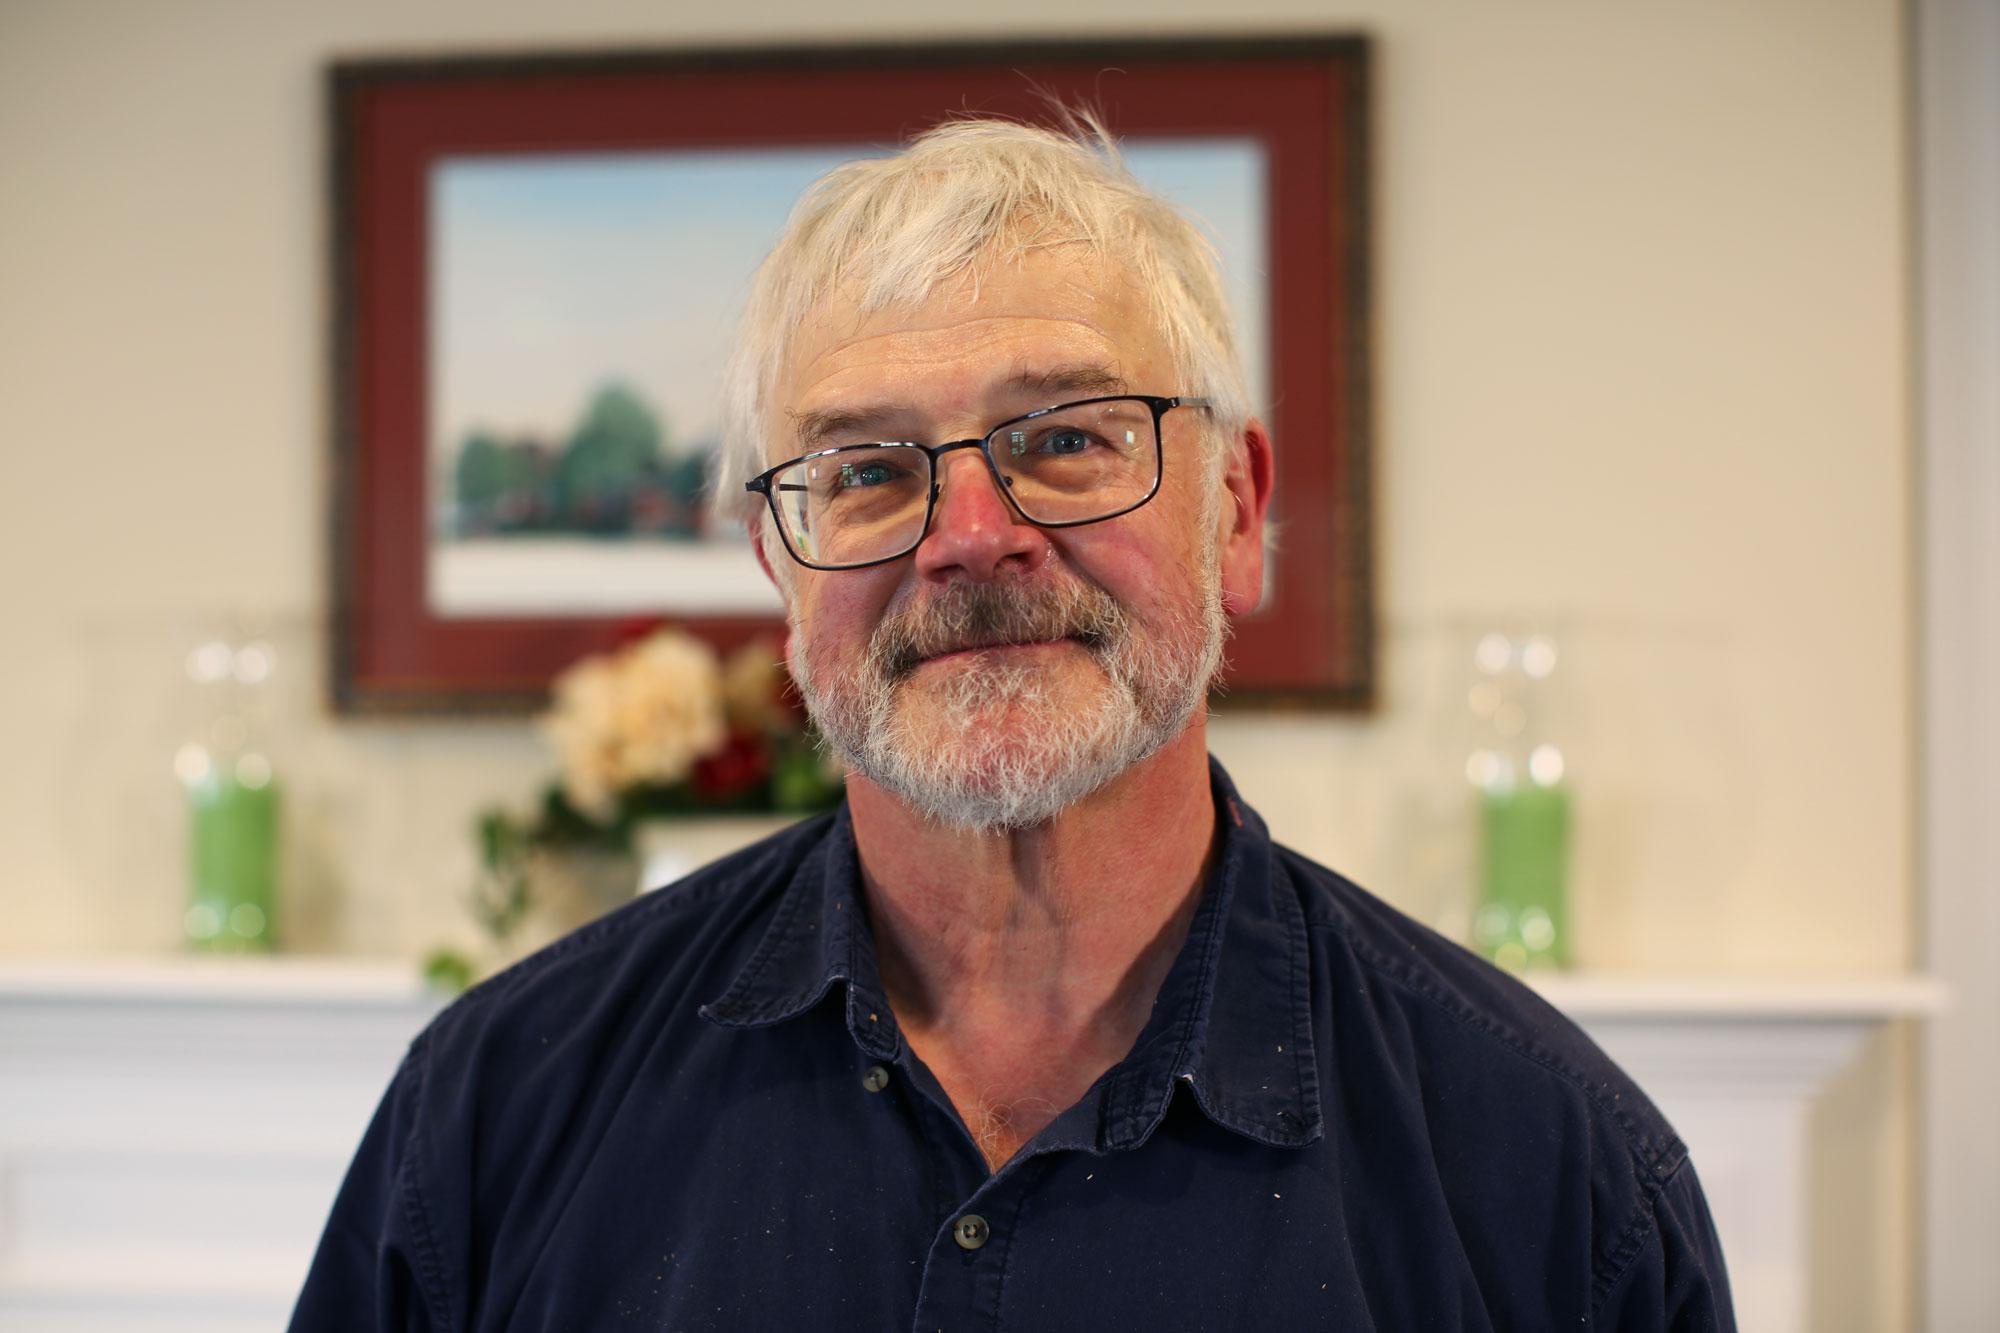 Tony Scheurich